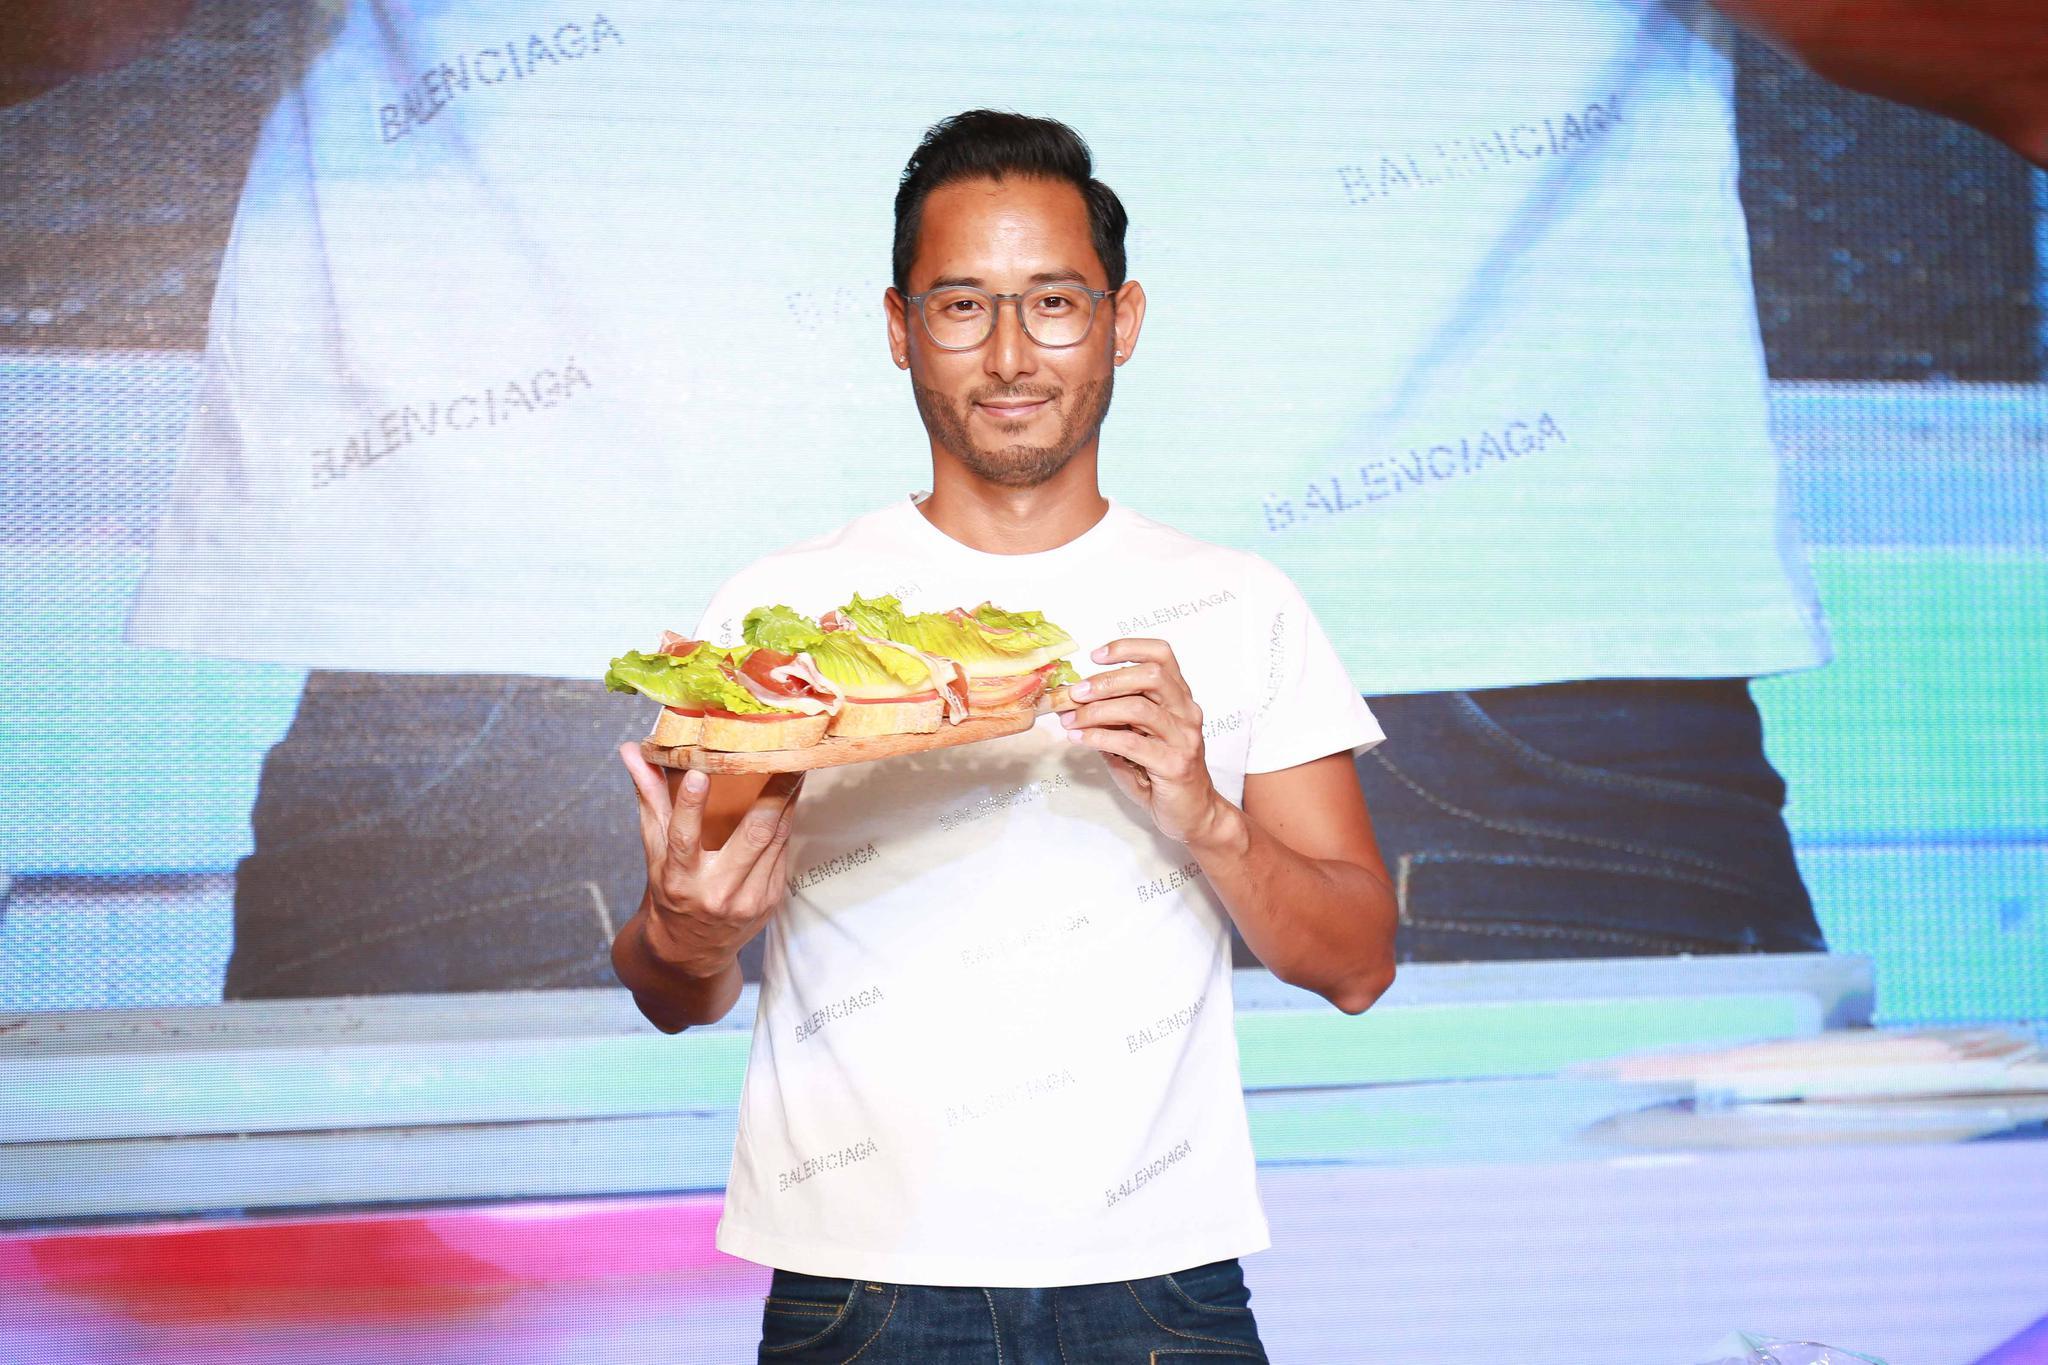 国际星厨刘一帆现身西安 揭秘最新健康菜谱